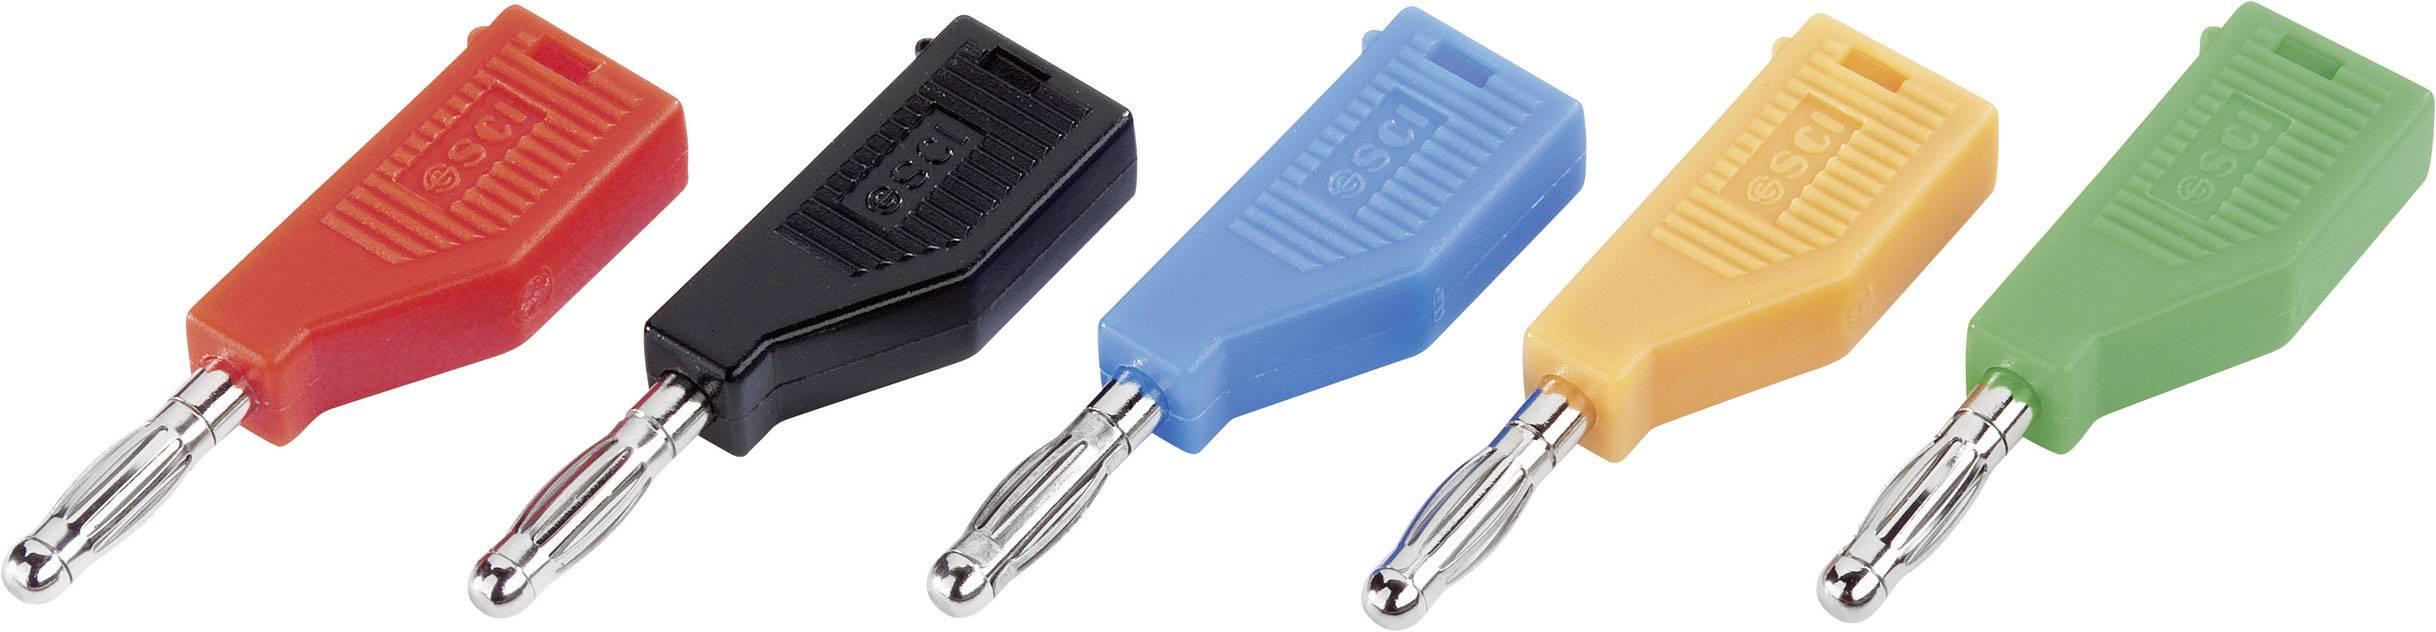 Banánový konektor SCI R8-B19 BL – zástrčka, rovná, Ø hrotu: 4 mm, modrá, 1 ks